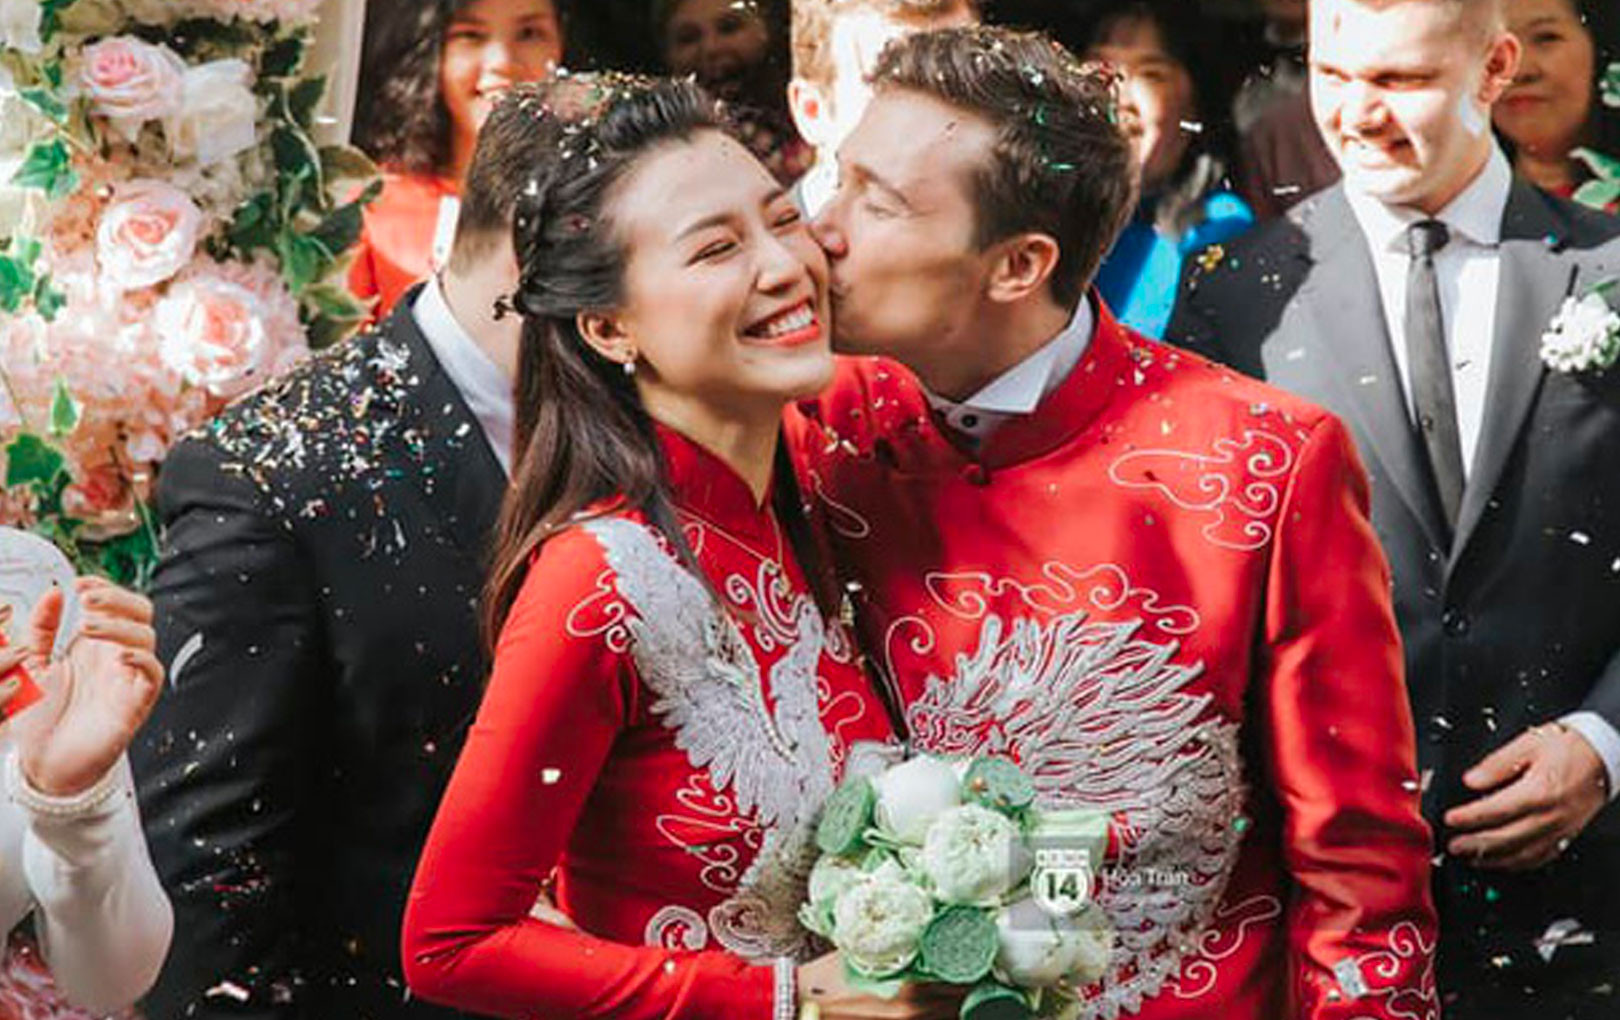 Hoàng Oanh lần đầu chia sẻ những khoảnh khắc đời thường bên chồng Tây sau 3 ngày kết hôn